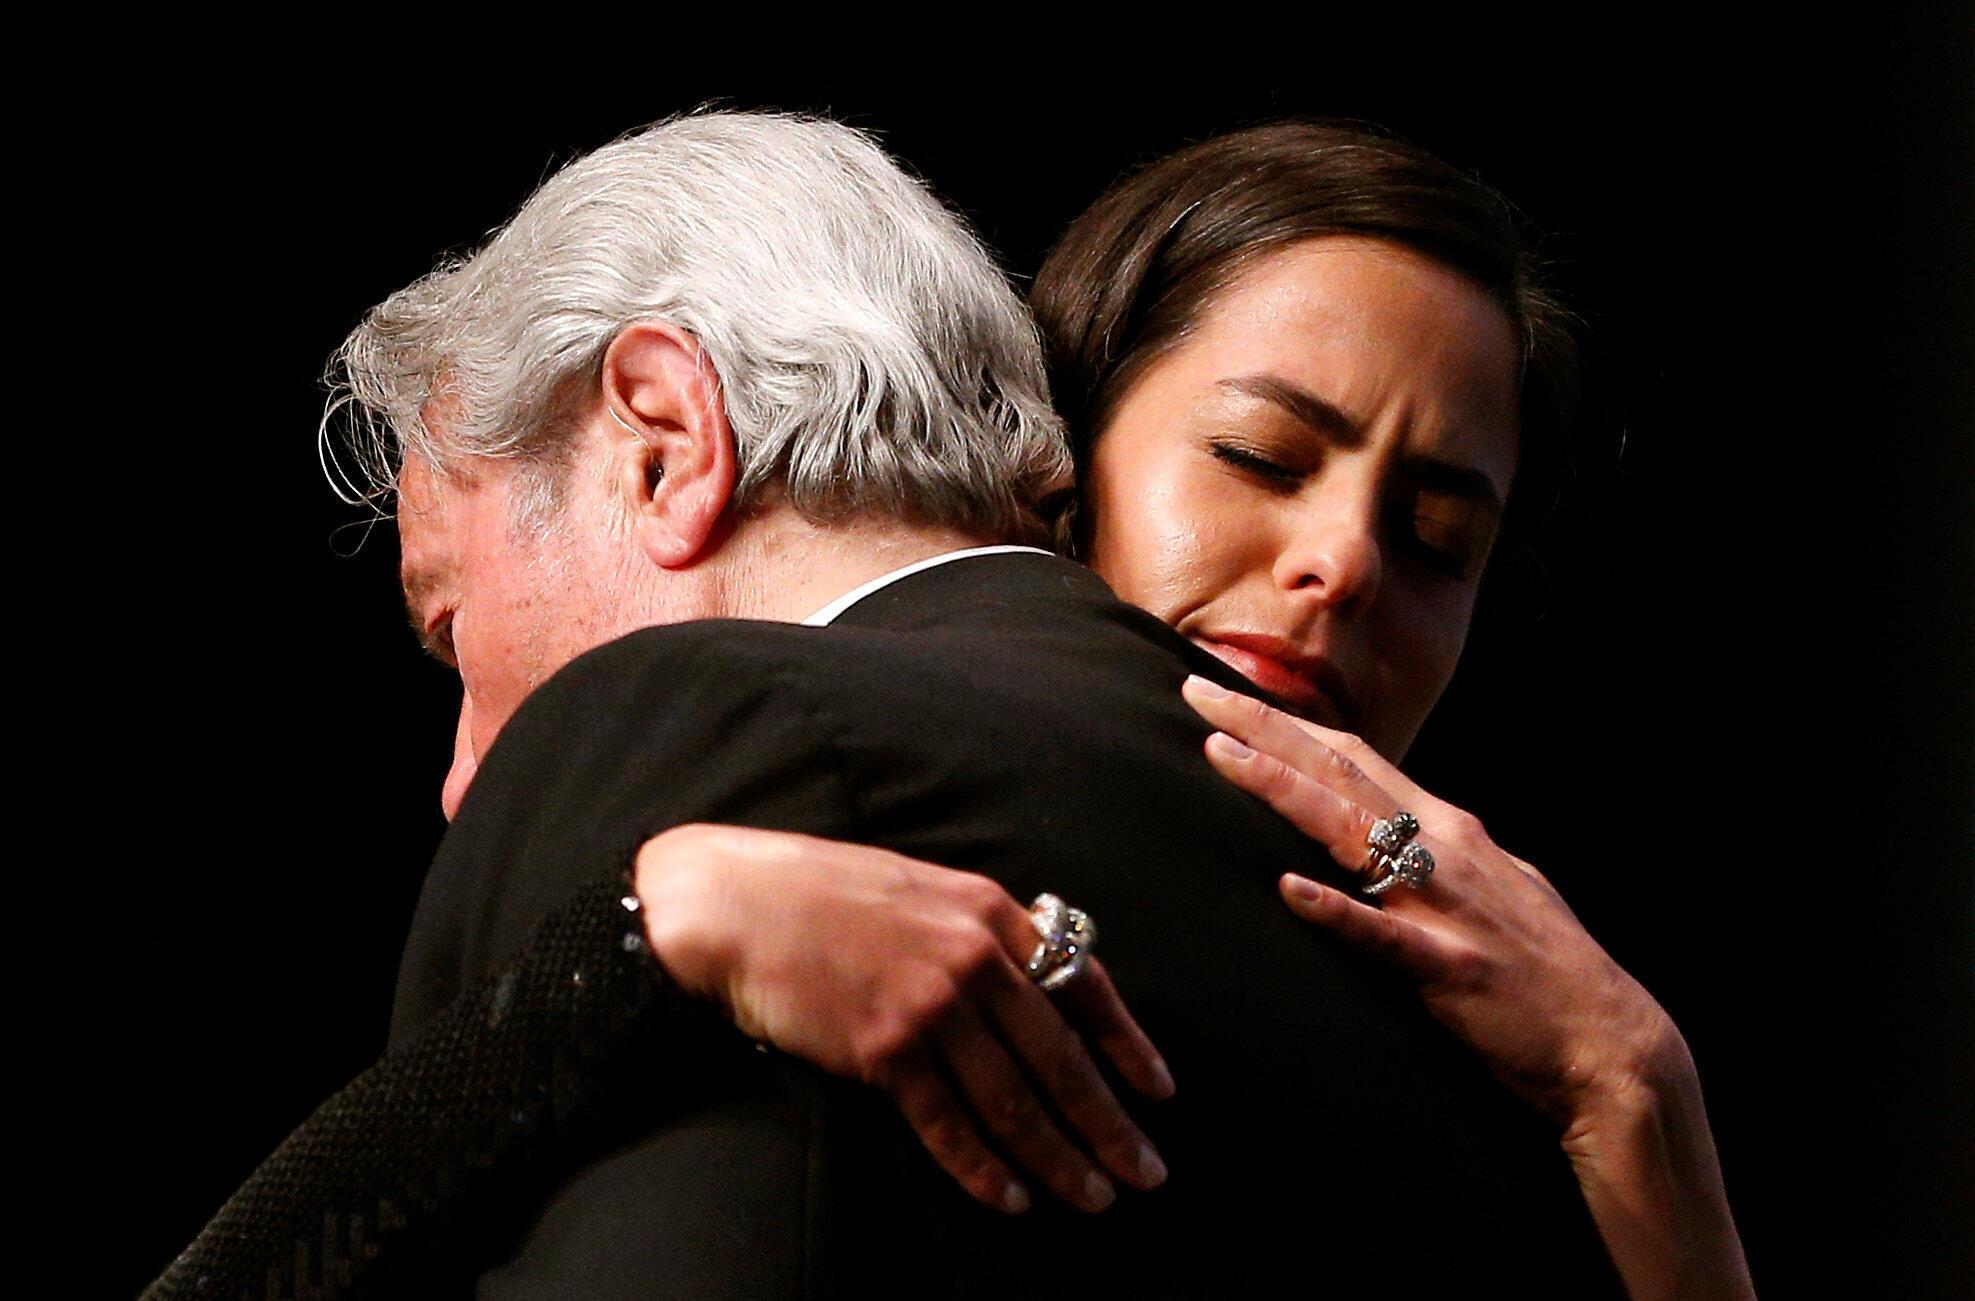 الن دلون در آغوش دخترش